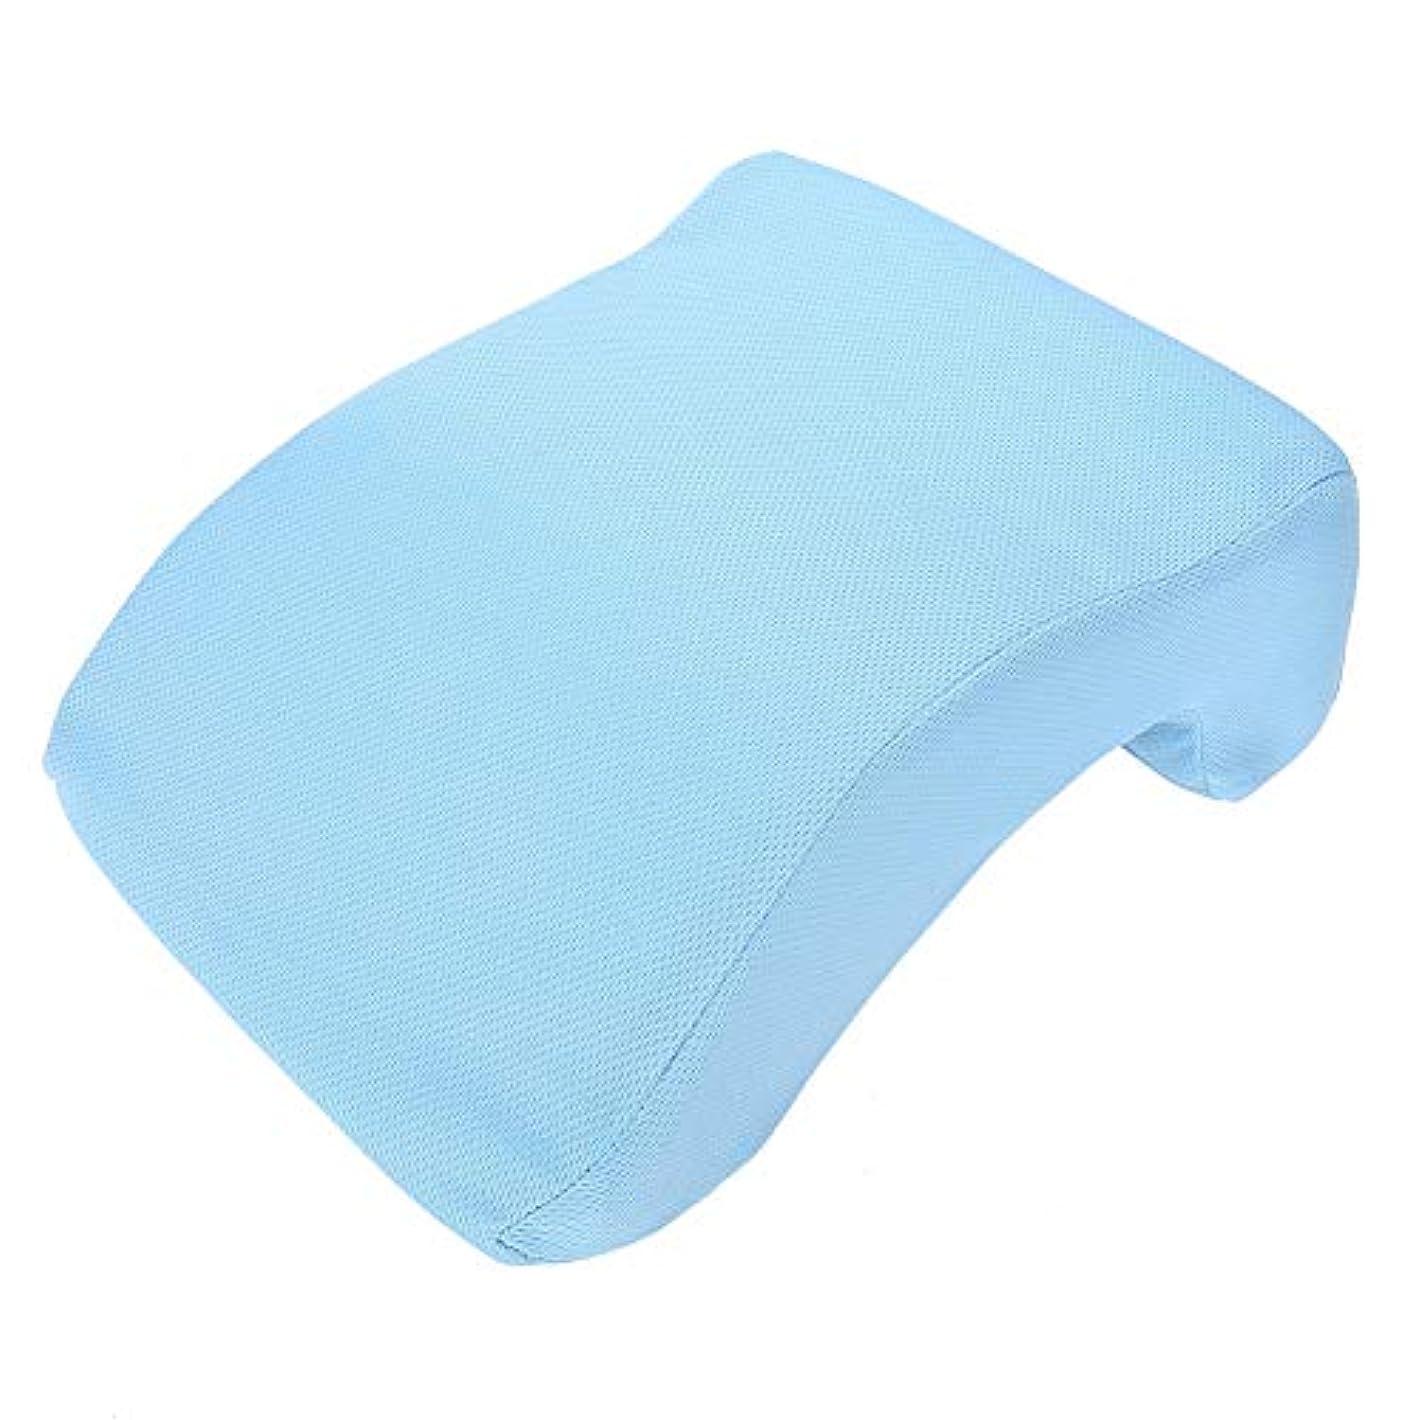 入札しないでくださいハンサム低反発まくら ピロー マッサージ枕 首?頭?肩をやさしく支える 安眠枕 快眠グッズ 柔らかい 洗えるやすい